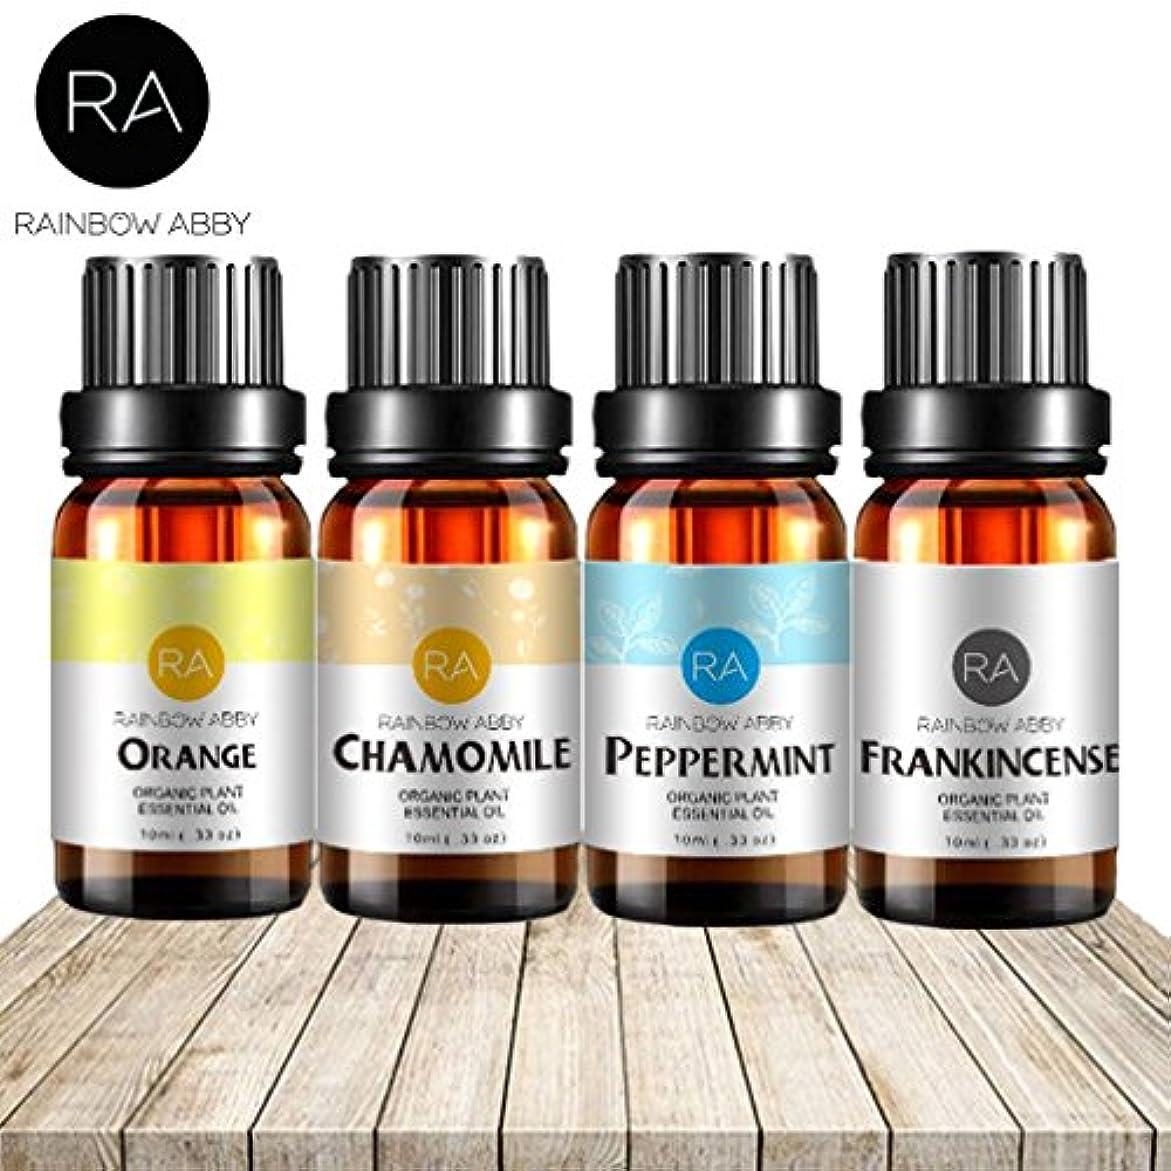 配分寛容なブルゴーニュRAINBOW ABBY 最高 治療用 グレード エッセンシャル オイル 4パック バラエティ カモミール、ペパーミント、フランキンセンス、スウィートオレンジ